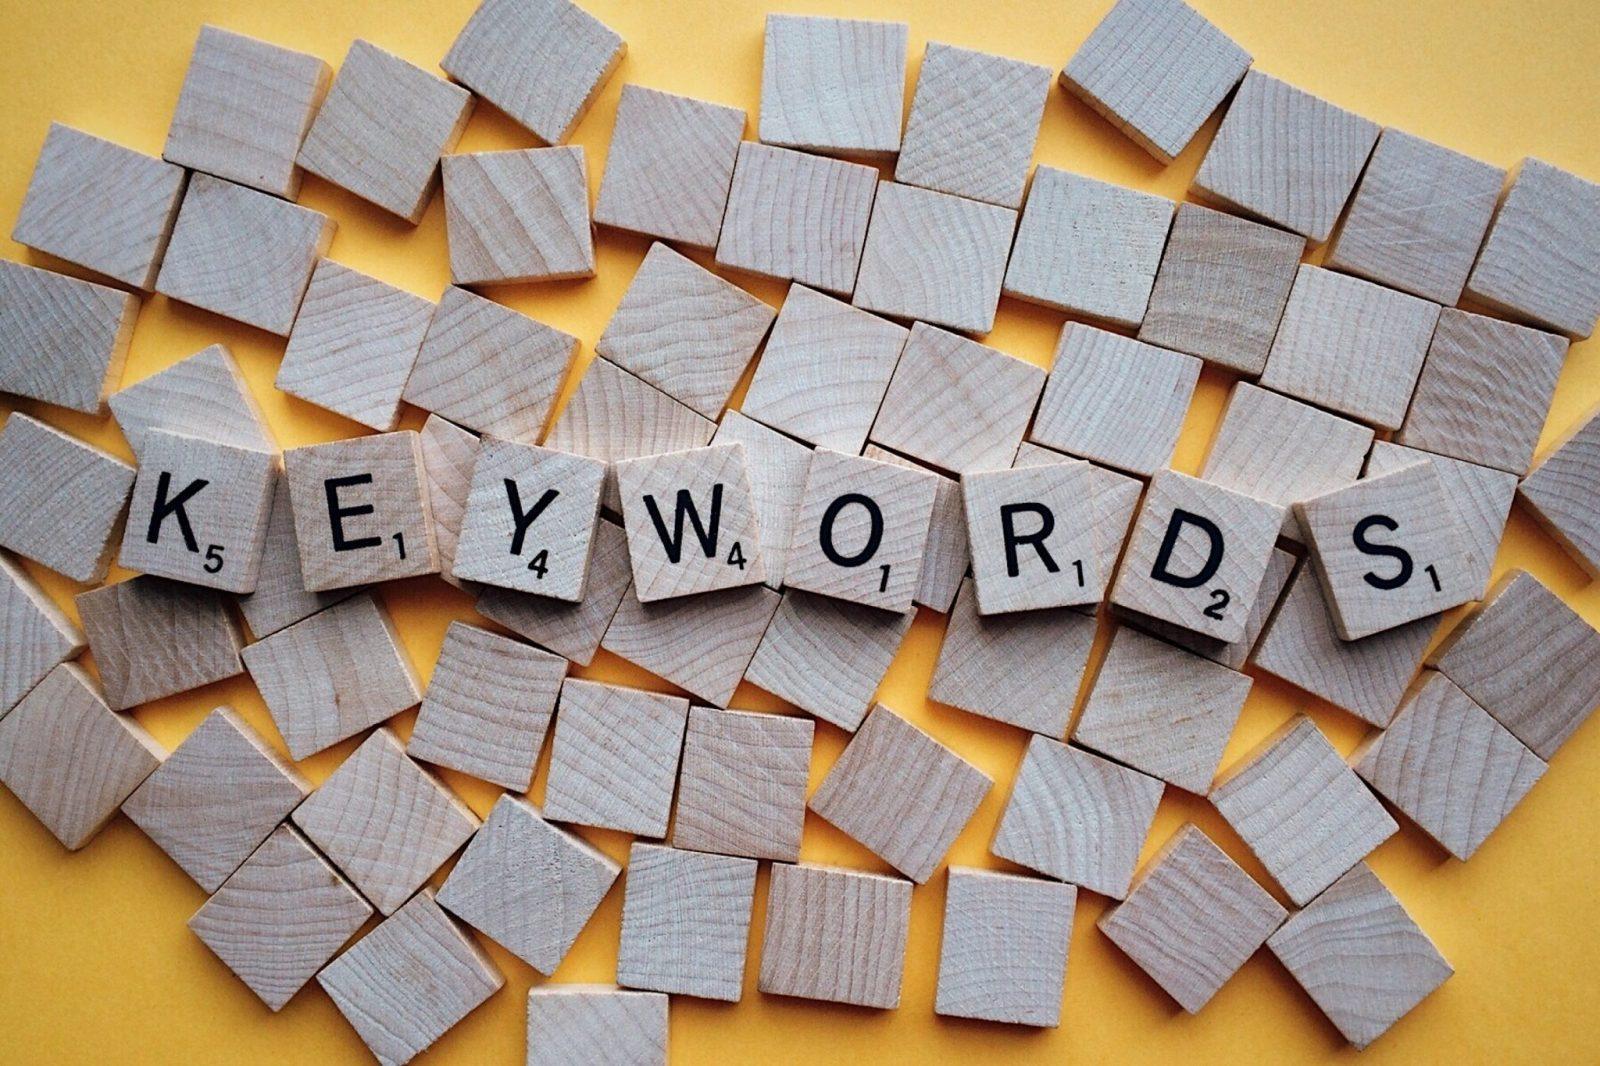 que son palabras claves y como usarlas